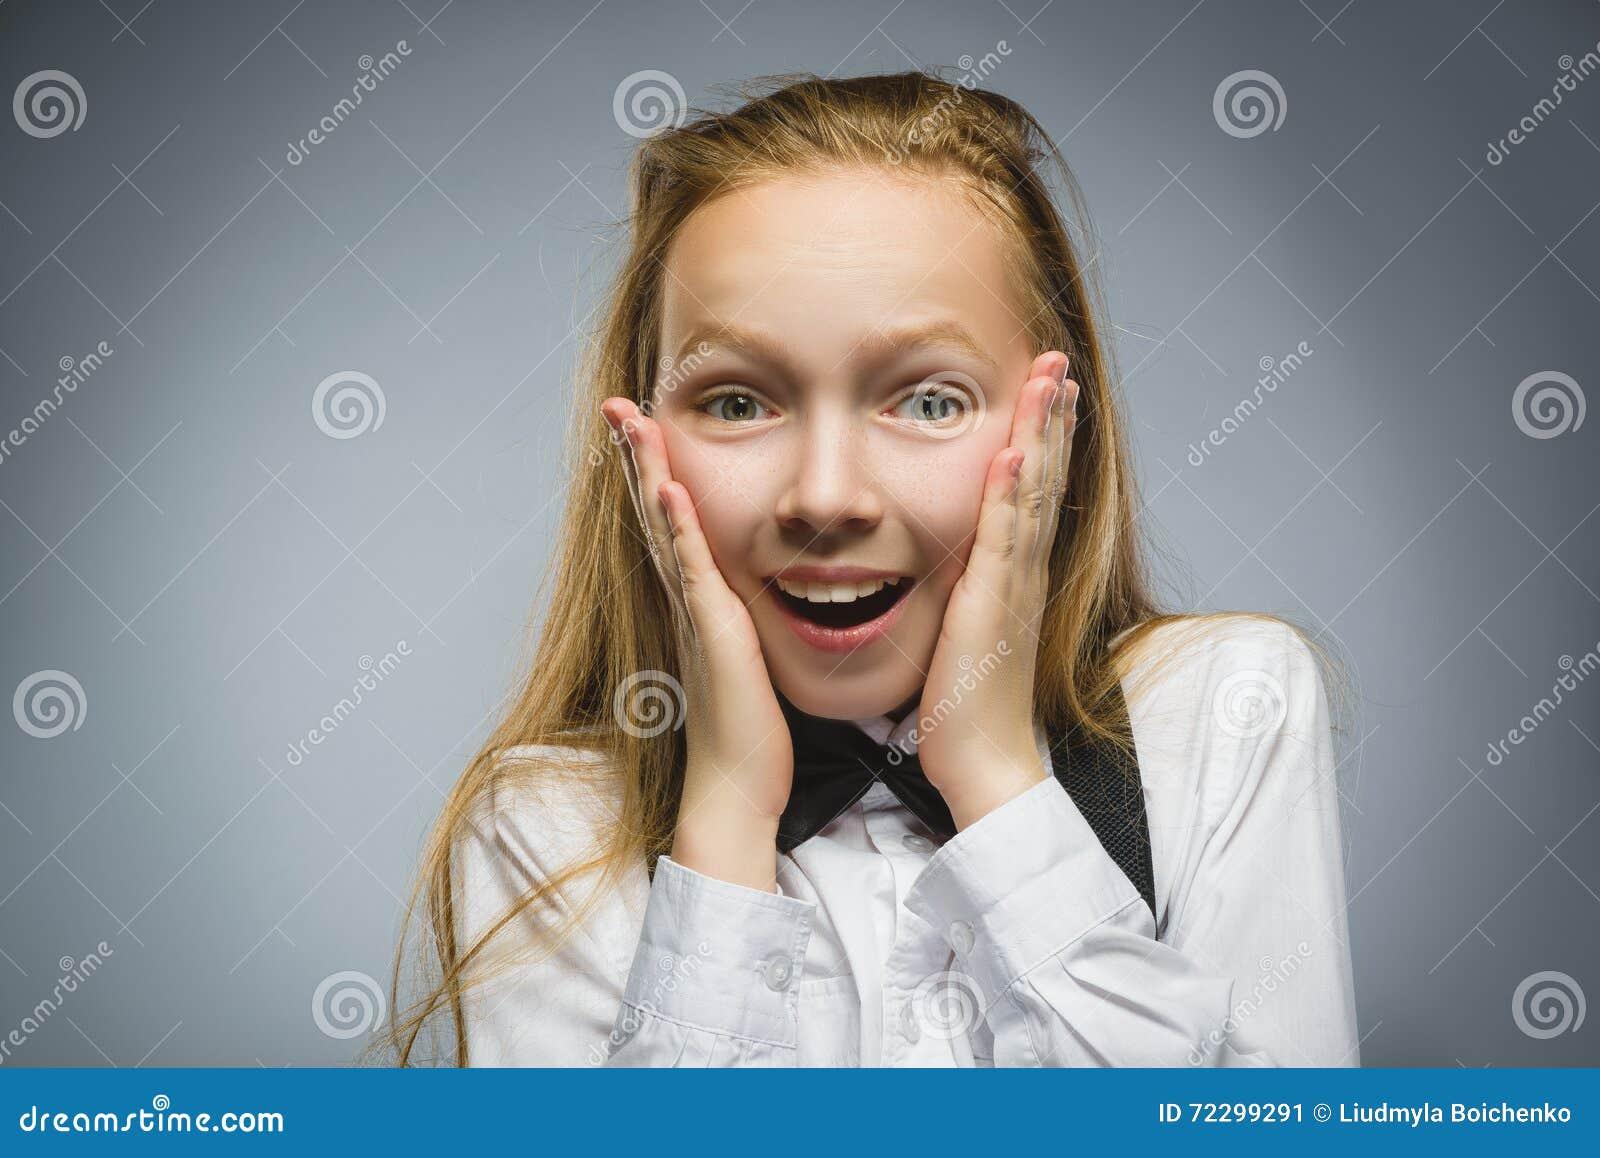 Download Портрет крупного плана сюрприза счастливой девушки идя изолированный на серой предпосылке Стоковое Изображение - изображение насчитывающей сторона, шутник: 72299291